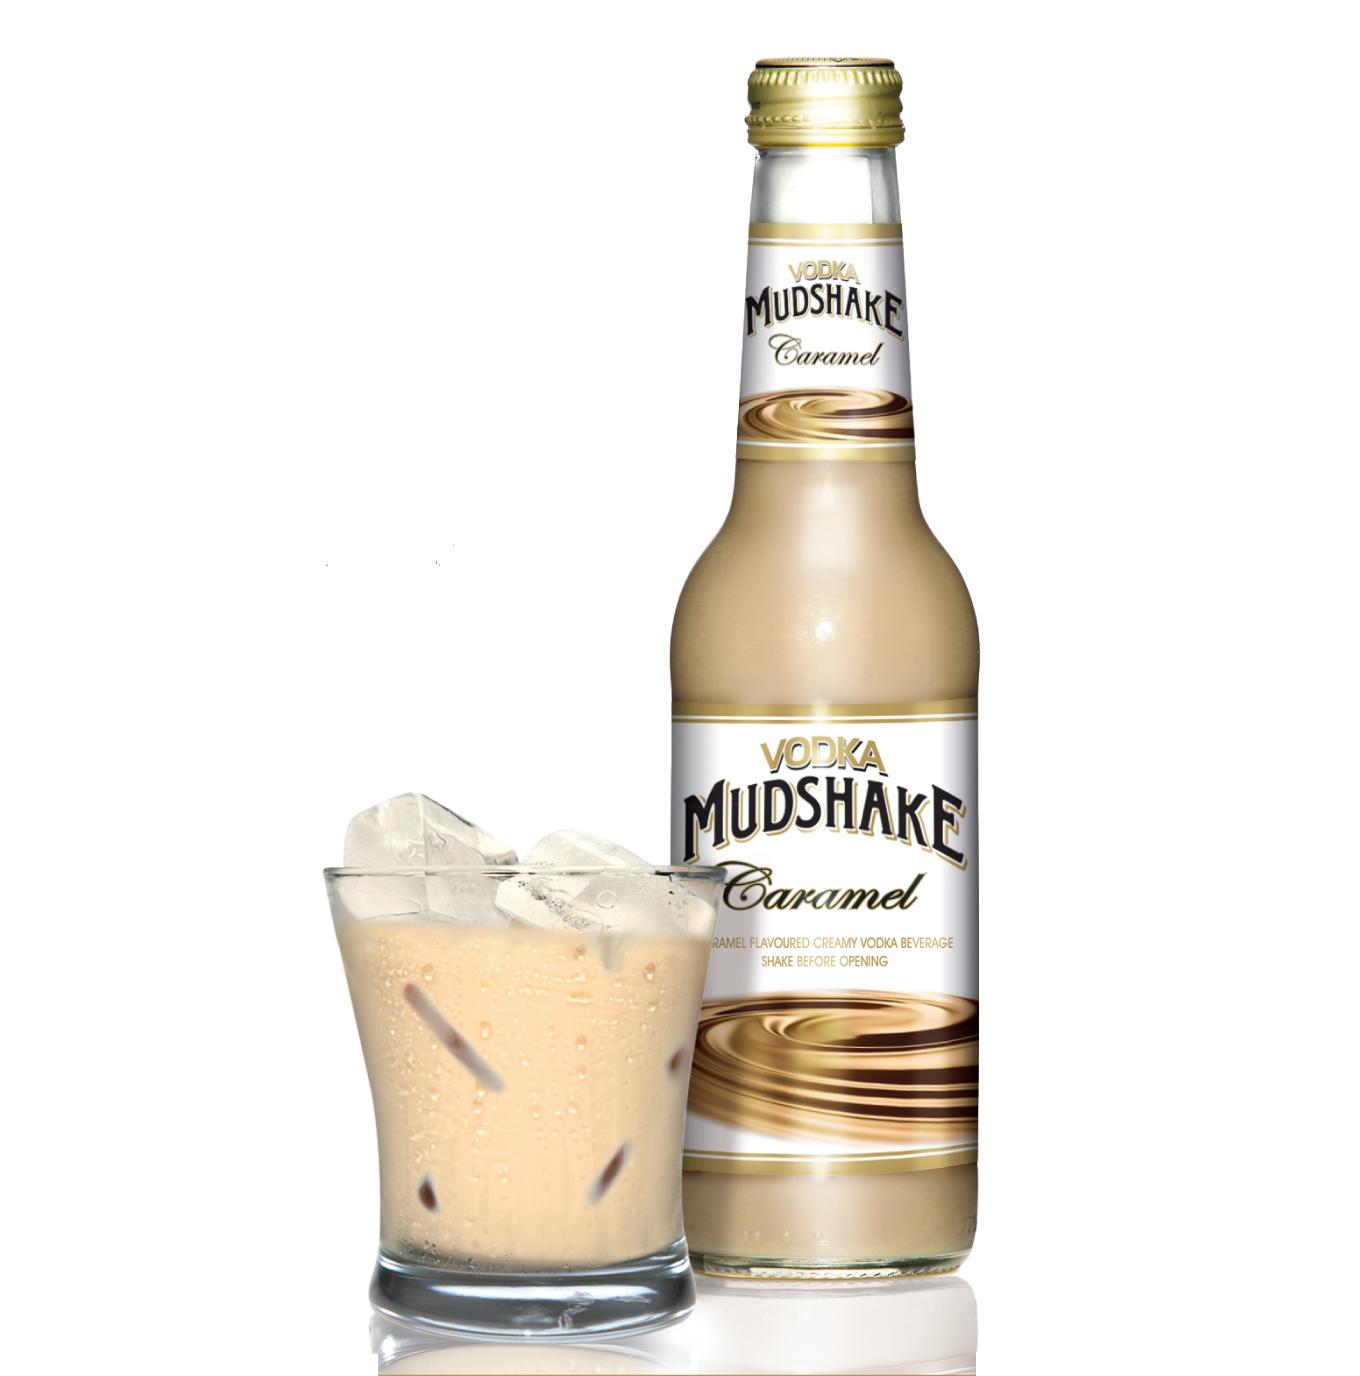 Mudshake Drink Bottle